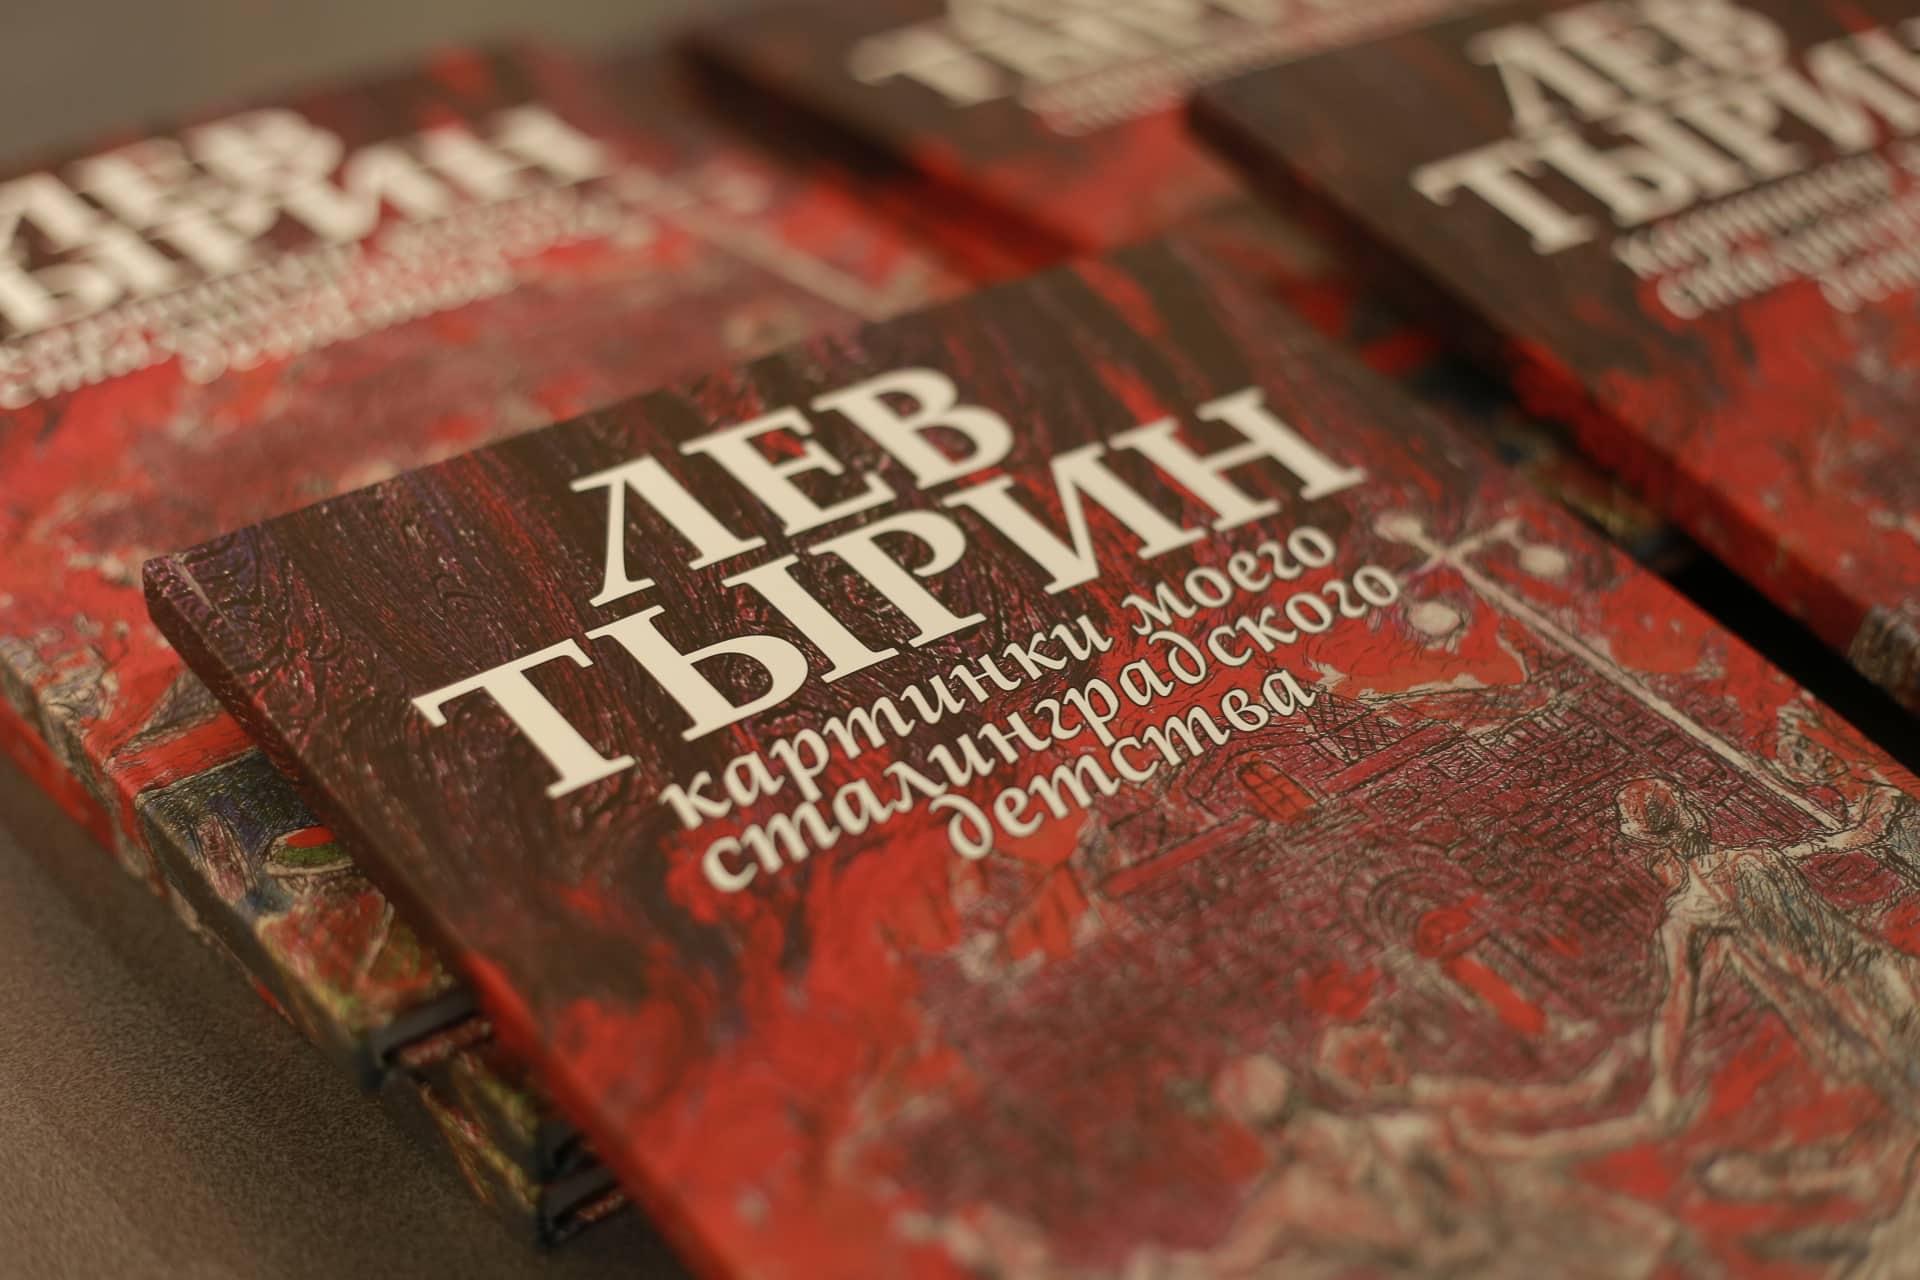 Сборник выпустили небольшим тиражом — всего 250 экземпляров